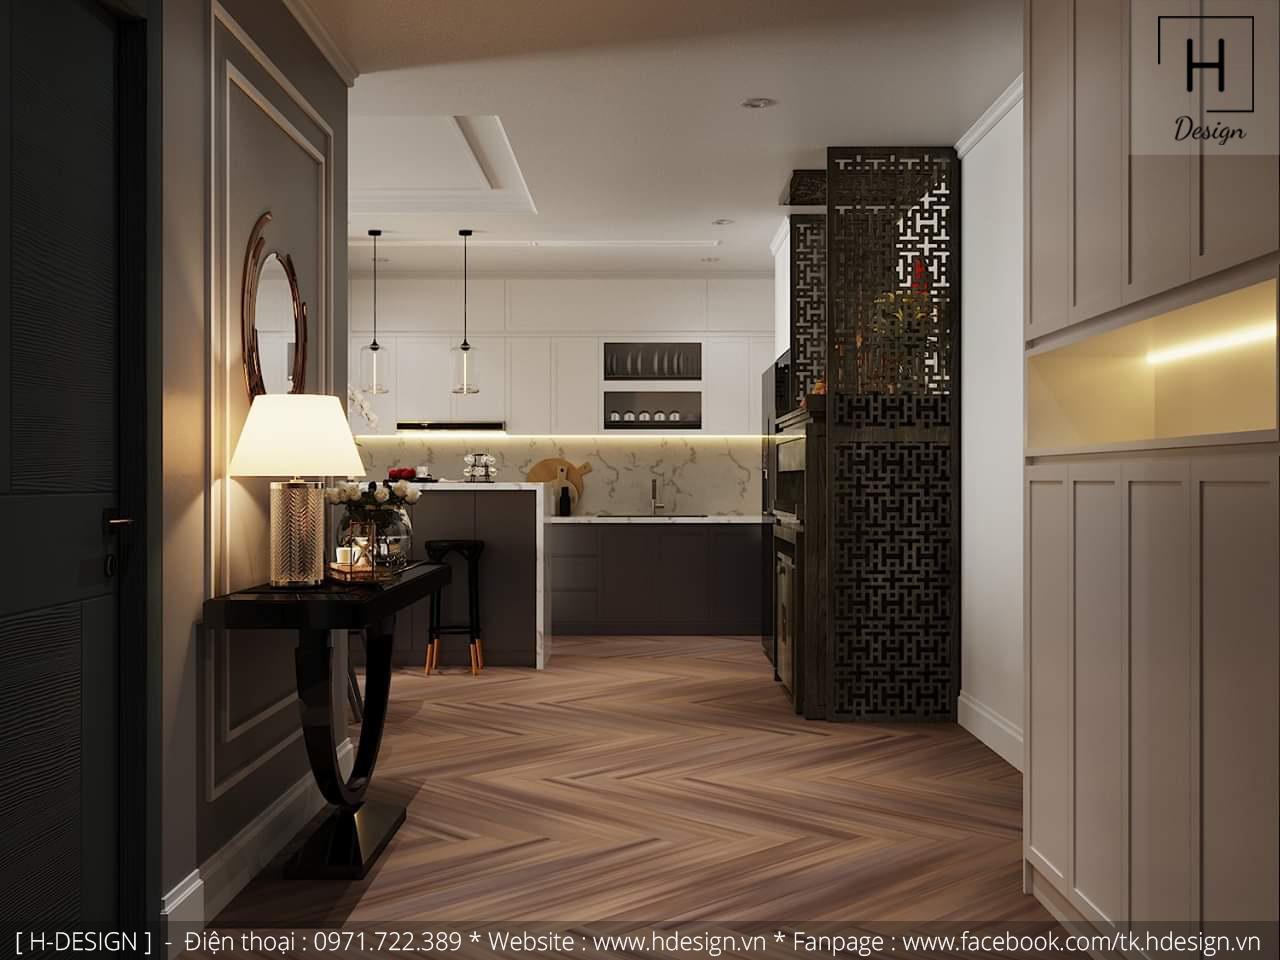 Thiết kế thi công nội thất chung cư D'Capital 8